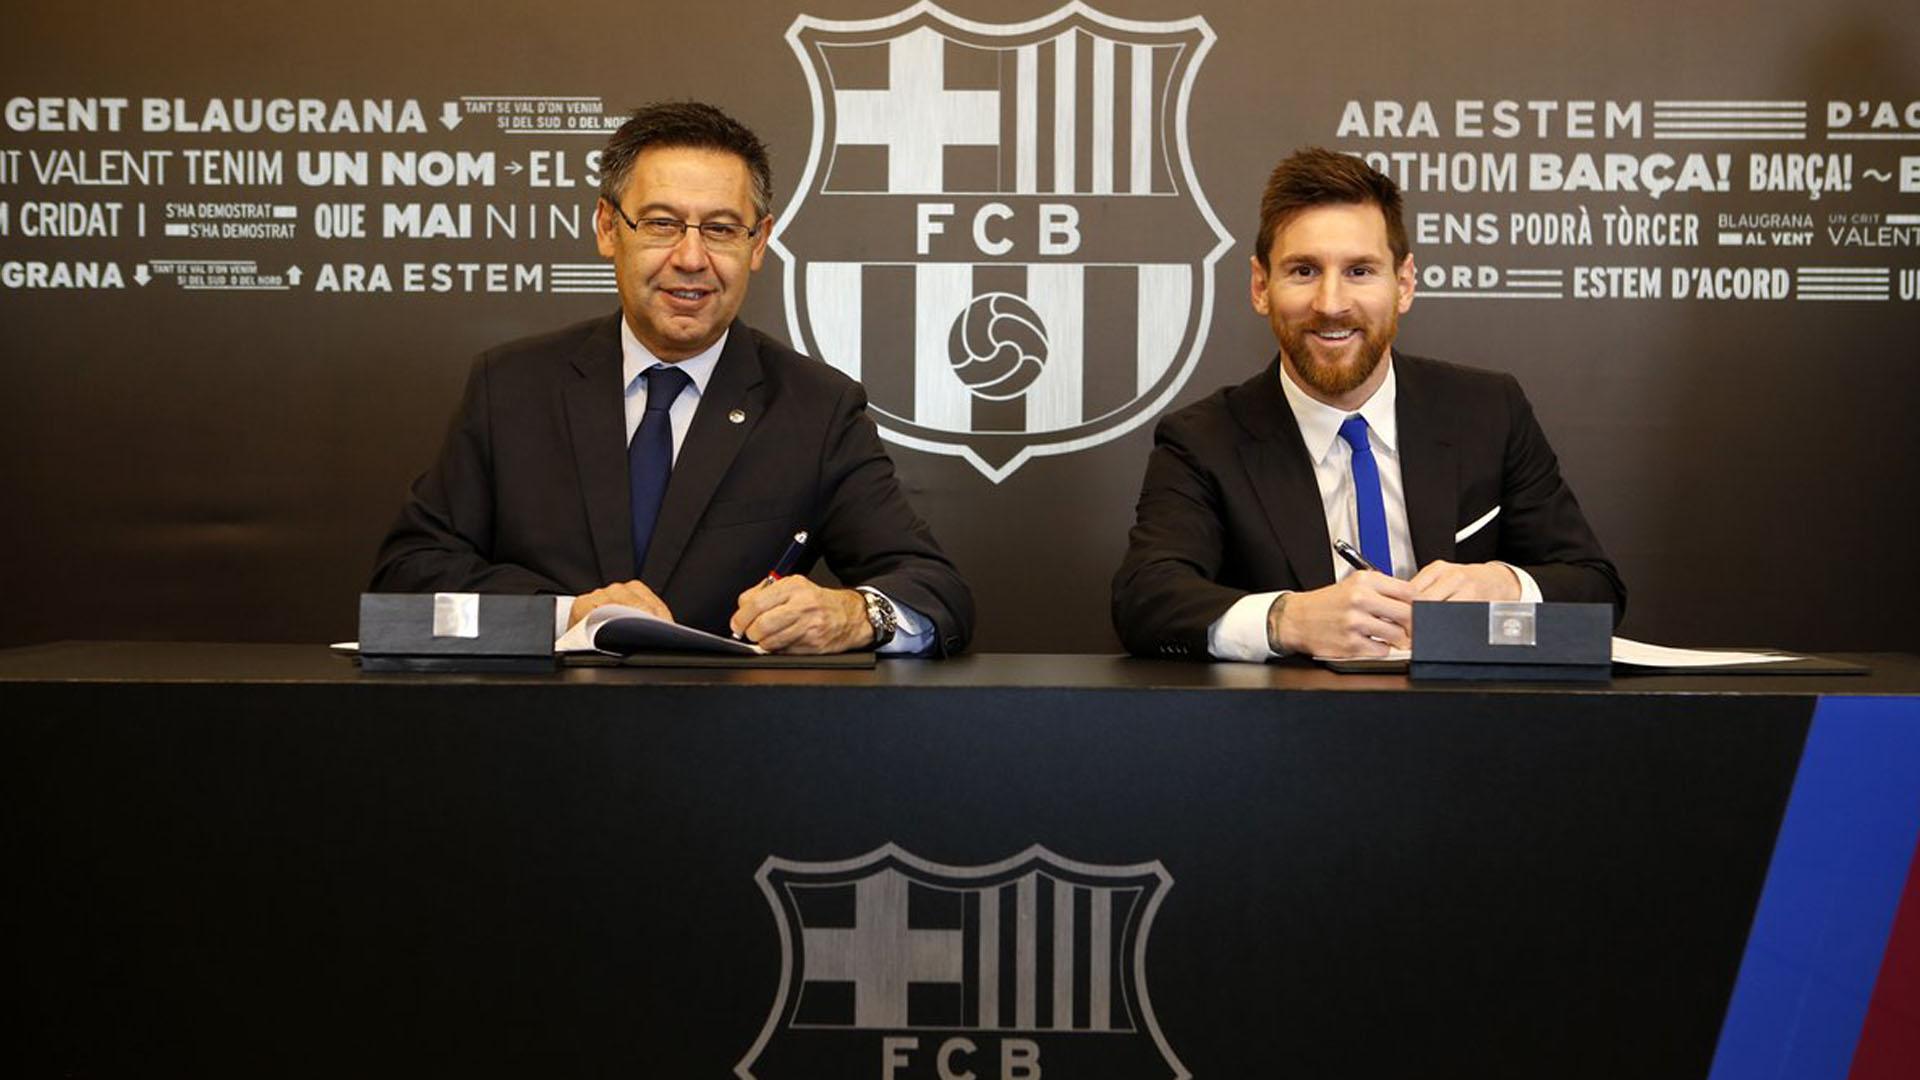 Filtraron en España las cifras del contrato de Lionel Messi en medio de una feroz interna política en Barcelona